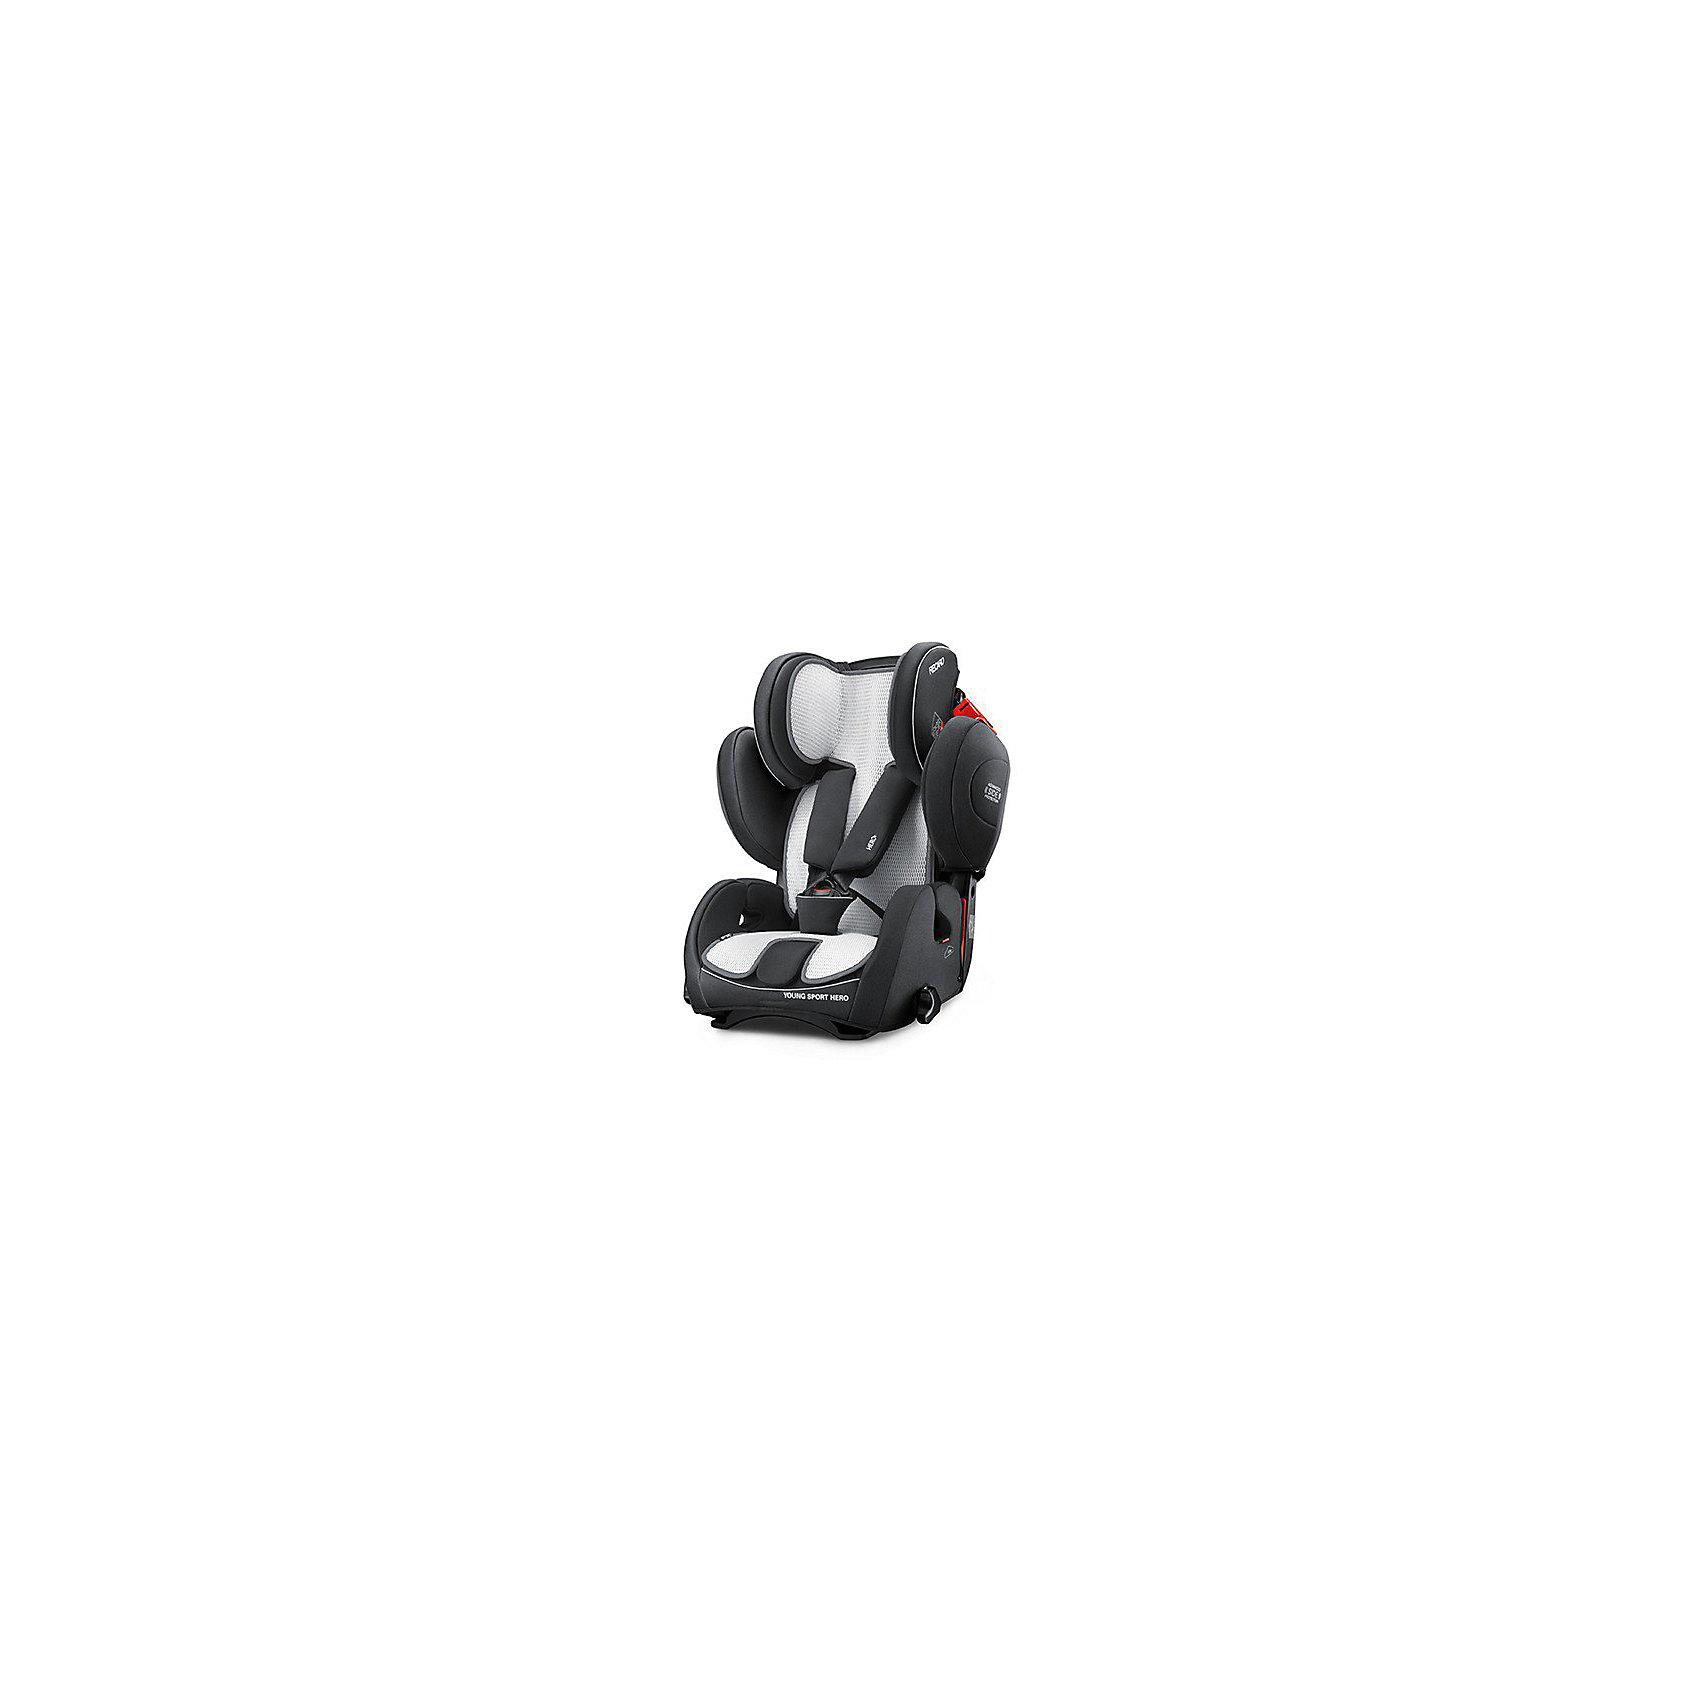 Антибактериальный чехол, Recaro, Young Sport HeroАксессуары<br>Характеристики:<br><br>• совместимость: автокресло Young Sport Hero;<br>• тип чехла: летний чехол для автокресла;<br>• материал: сетчатое волокно;<br>• состав: гипоаллергенный хлопок;<br>• уход: стирка при температуре 30 градусов.<br><br>Двусторонний летний чехол из дышащей ткани пригодится во время поездок с ребенком в жаркие дни лета. Циркуляция воздуха уменьшает потоотделение, материал вбирает в себя лишнюю влагу. Чехол впитывает посторонние запахи, выхлопные газы, запах пота. Простота в уходе за чехлом позволяет содержать его в чистоте и опрятности.<br><br>Антибактериальный чехол, Recaro, Young Sport Hero можно купить в нашем интернет-магазине.<br><br>Ширина мм: 250<br>Глубина мм: 150<br>Высота мм: 250<br>Вес г: 1000<br>Возраст от месяцев: 9<br>Возраст до месяцев: 144<br>Пол: Унисекс<br>Возраст: Детский<br>SKU: 5396753